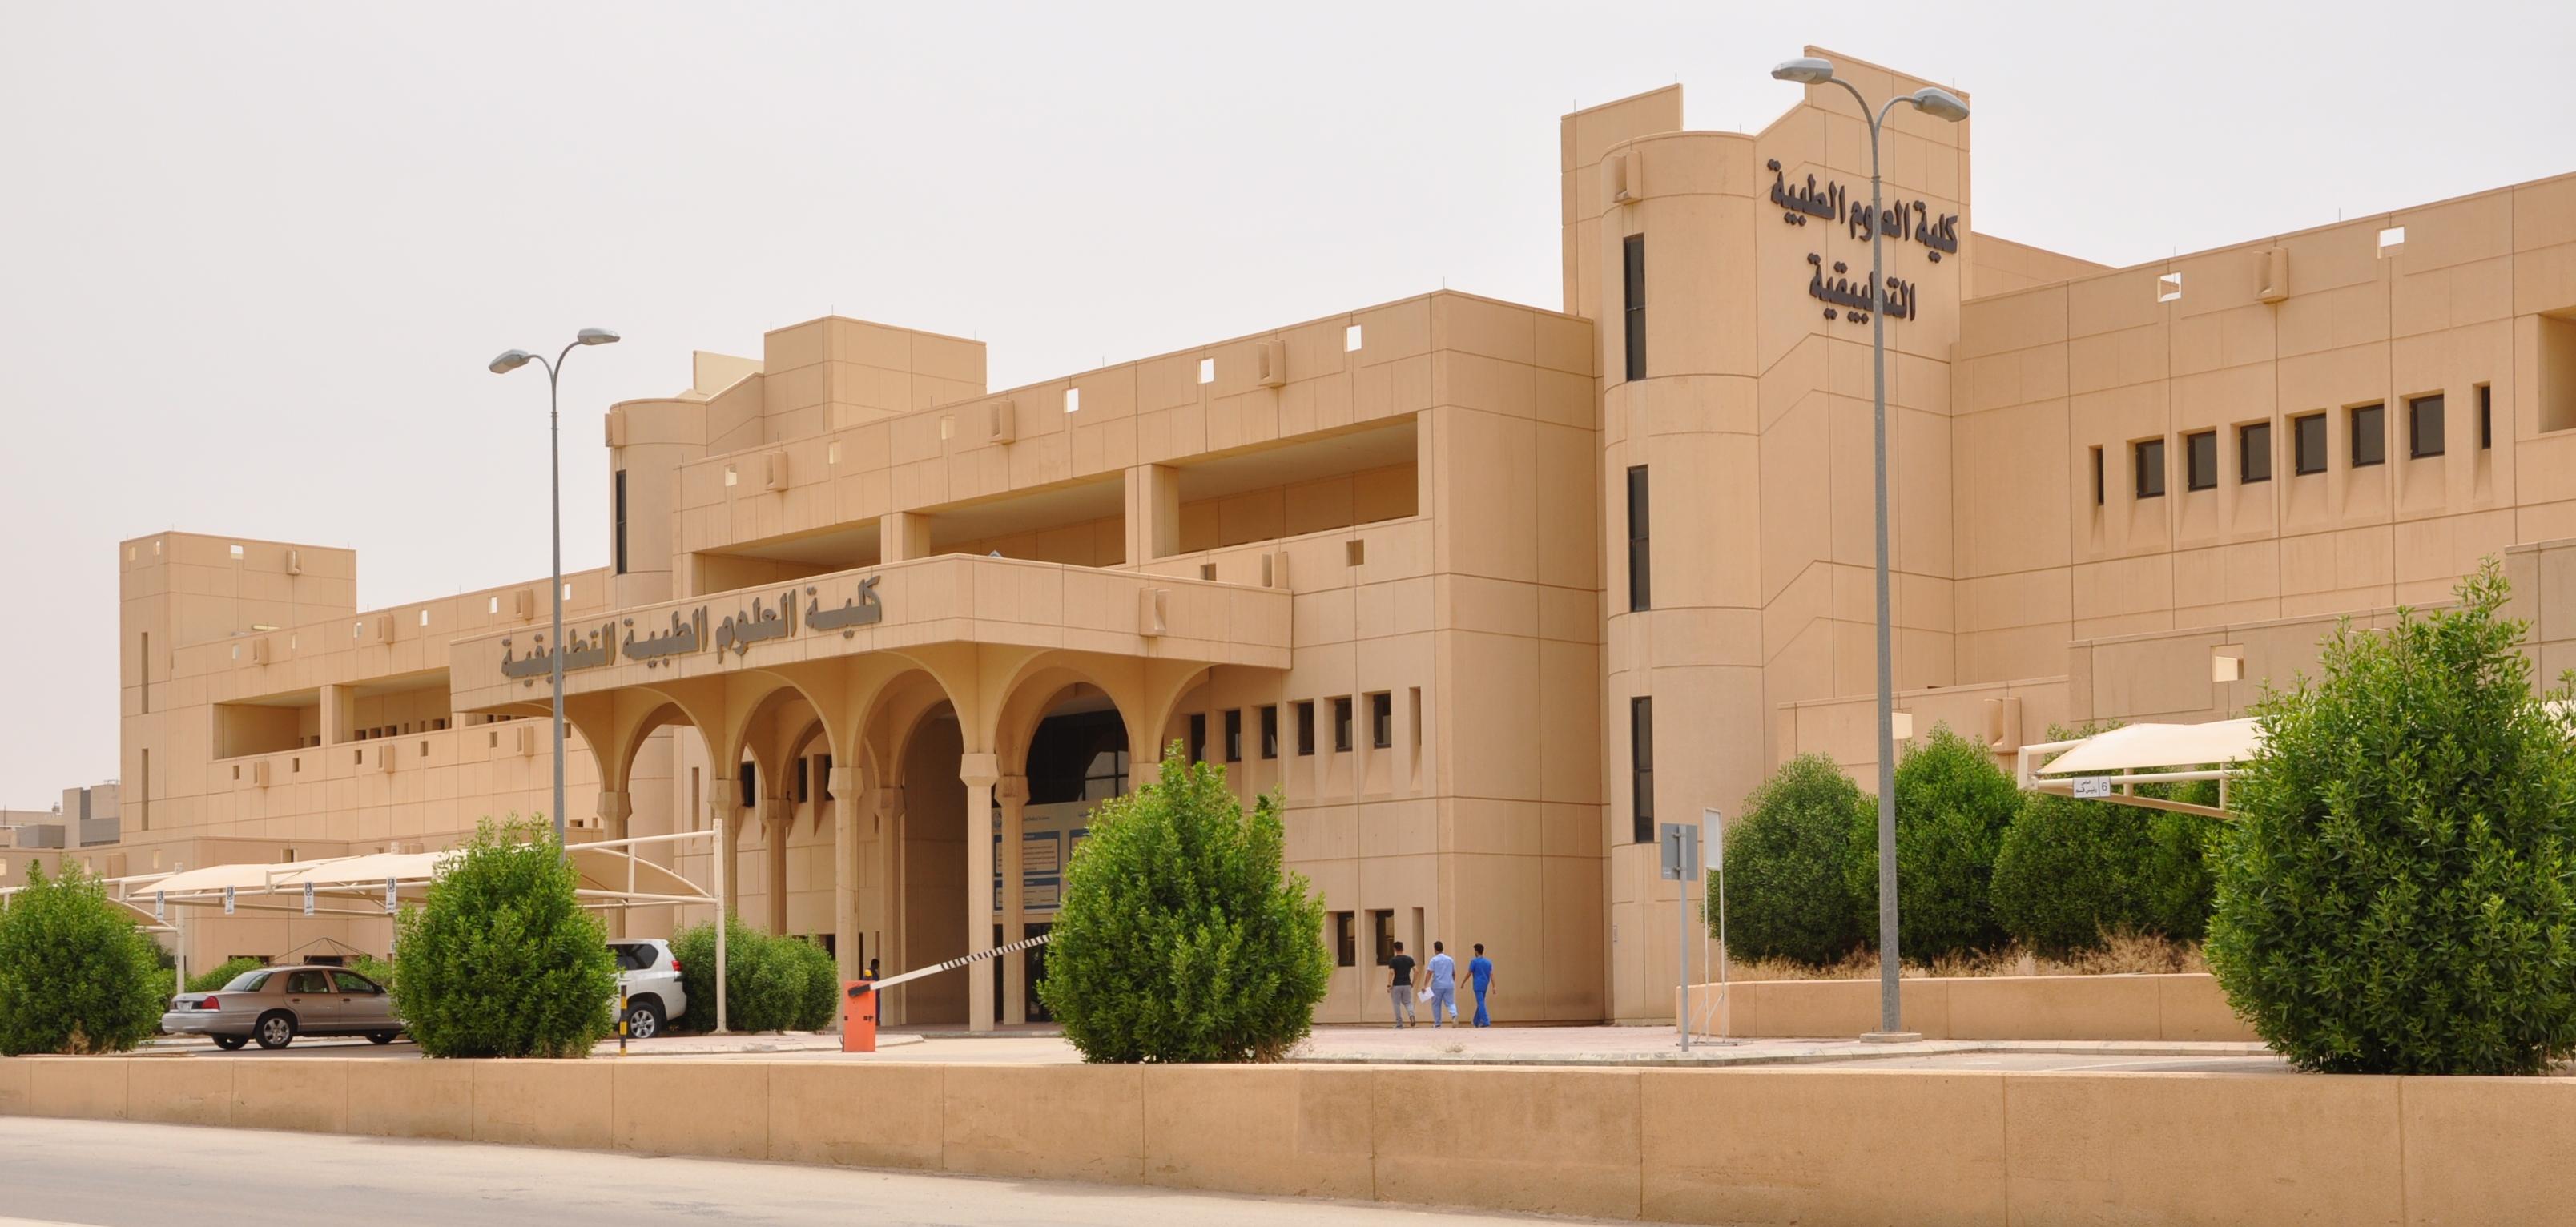 كلية العلوم الطبية التطبيقية - تأسست كلية العلوم الطبية...